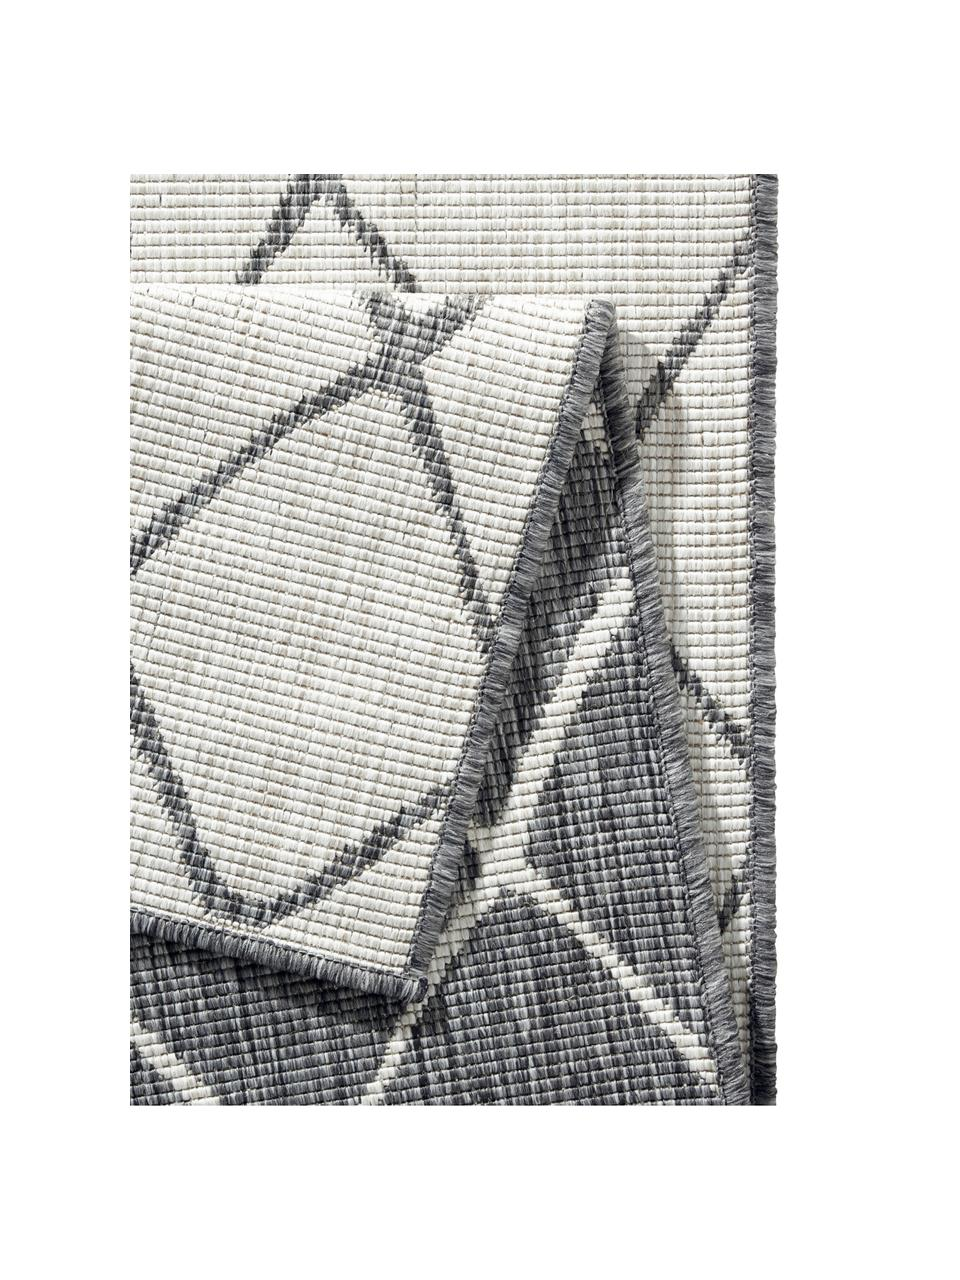 In- & Outdoor-Wendeteppich Malaga mit Rautenmuster, Grau/Creme, 100% Polypropylen, Grau, Cremefarben, B 160 x L 230 cm (Größe M)